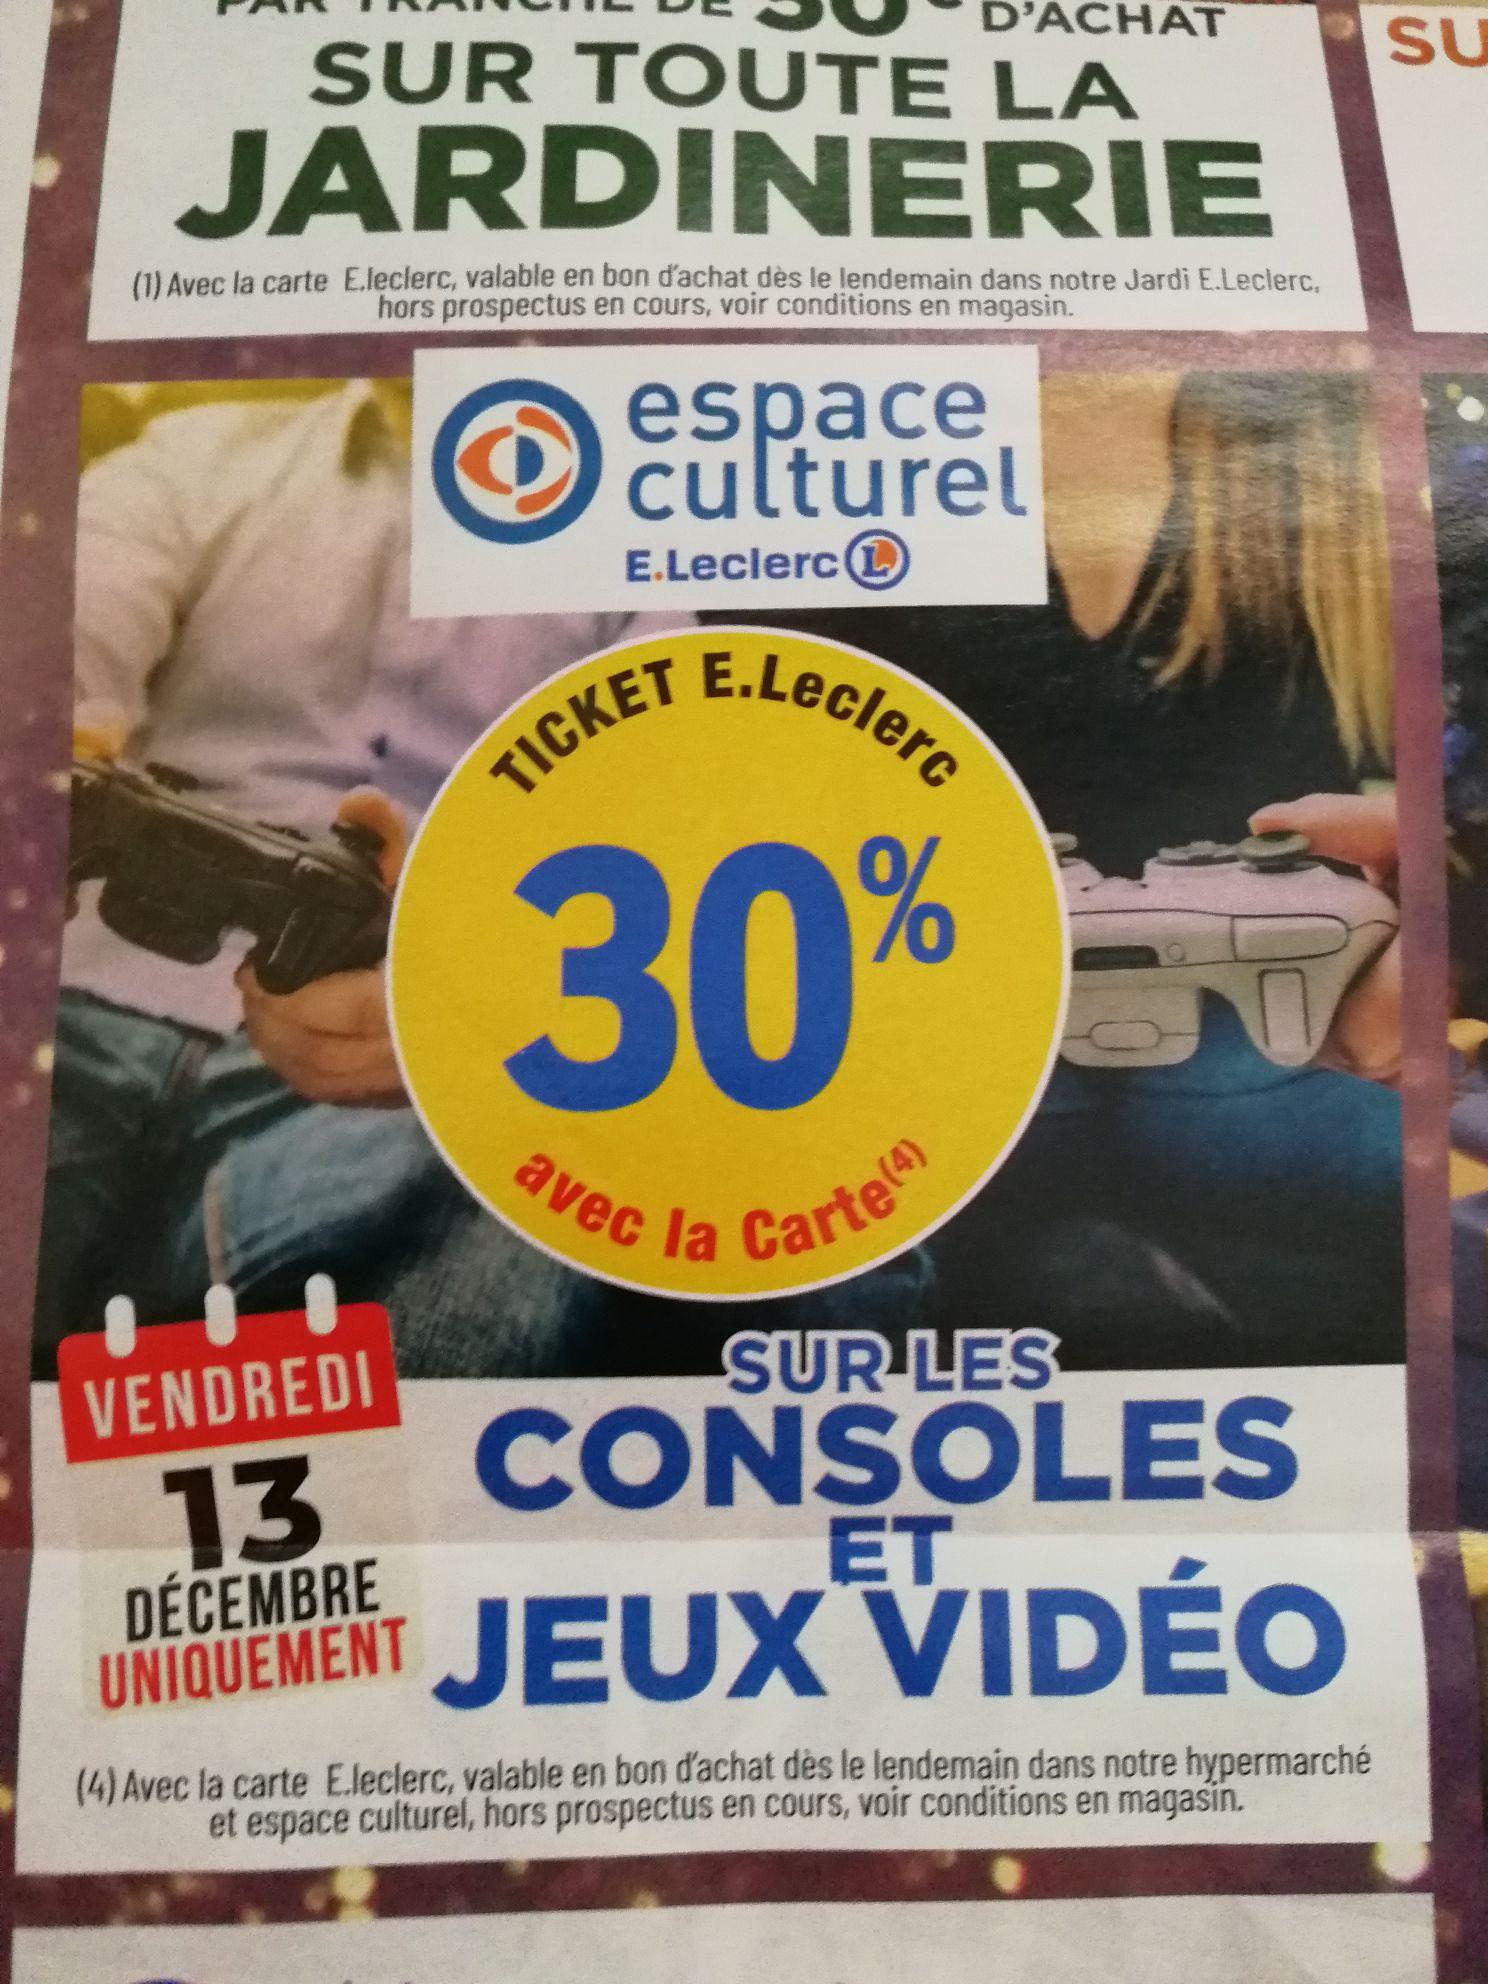 30% remboursés sur le compte fidélité dans le rayon Jeux vidéo et Consoles - Saint-Étienne-du-Rouvray (76)